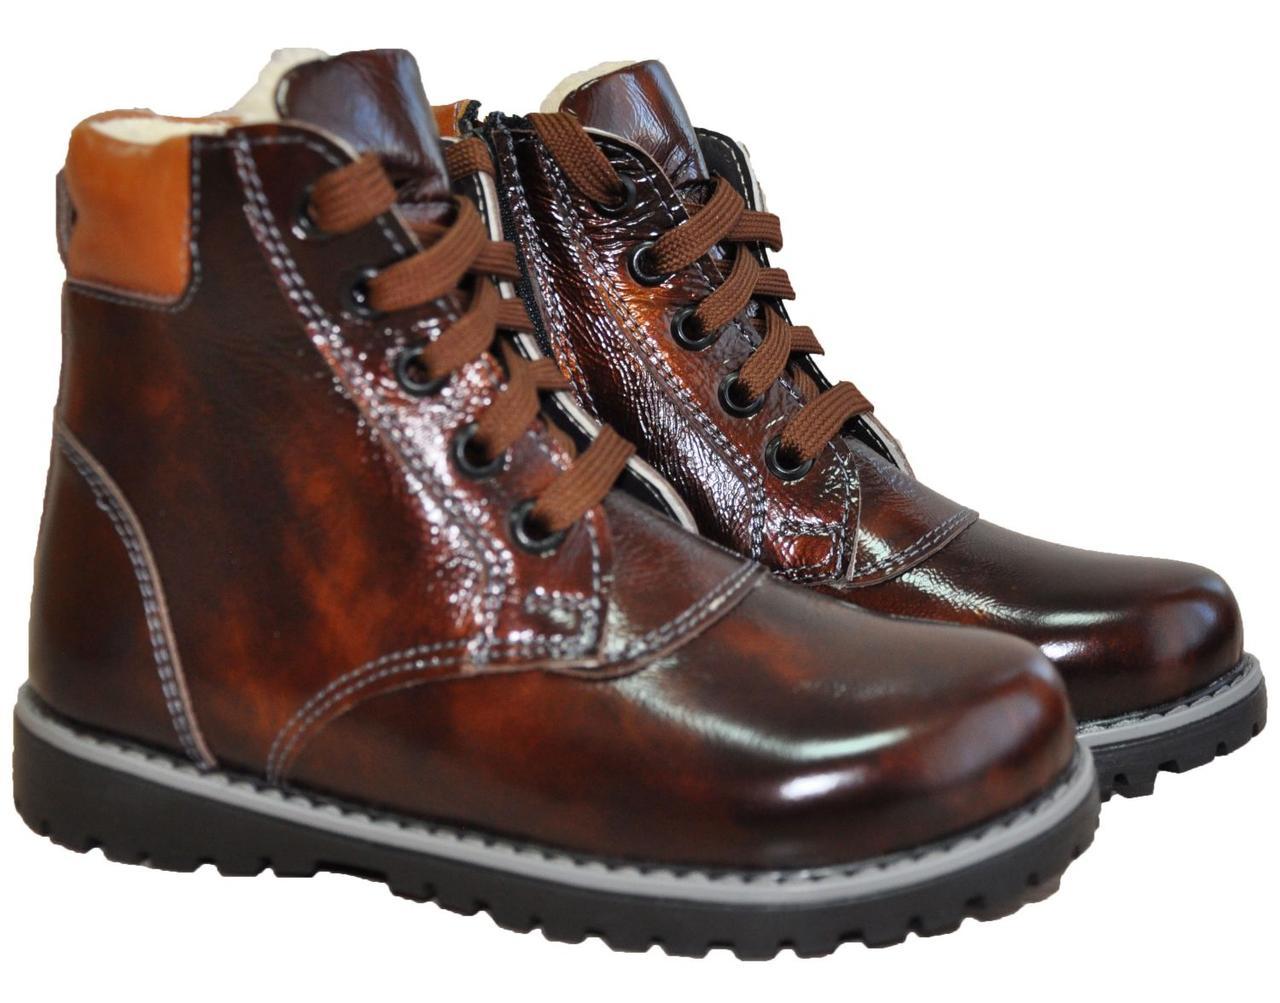 Зимние кожаные профилактические ботинки с жестким задником без супинатора 3081-Коричневые лакированные, размер 30